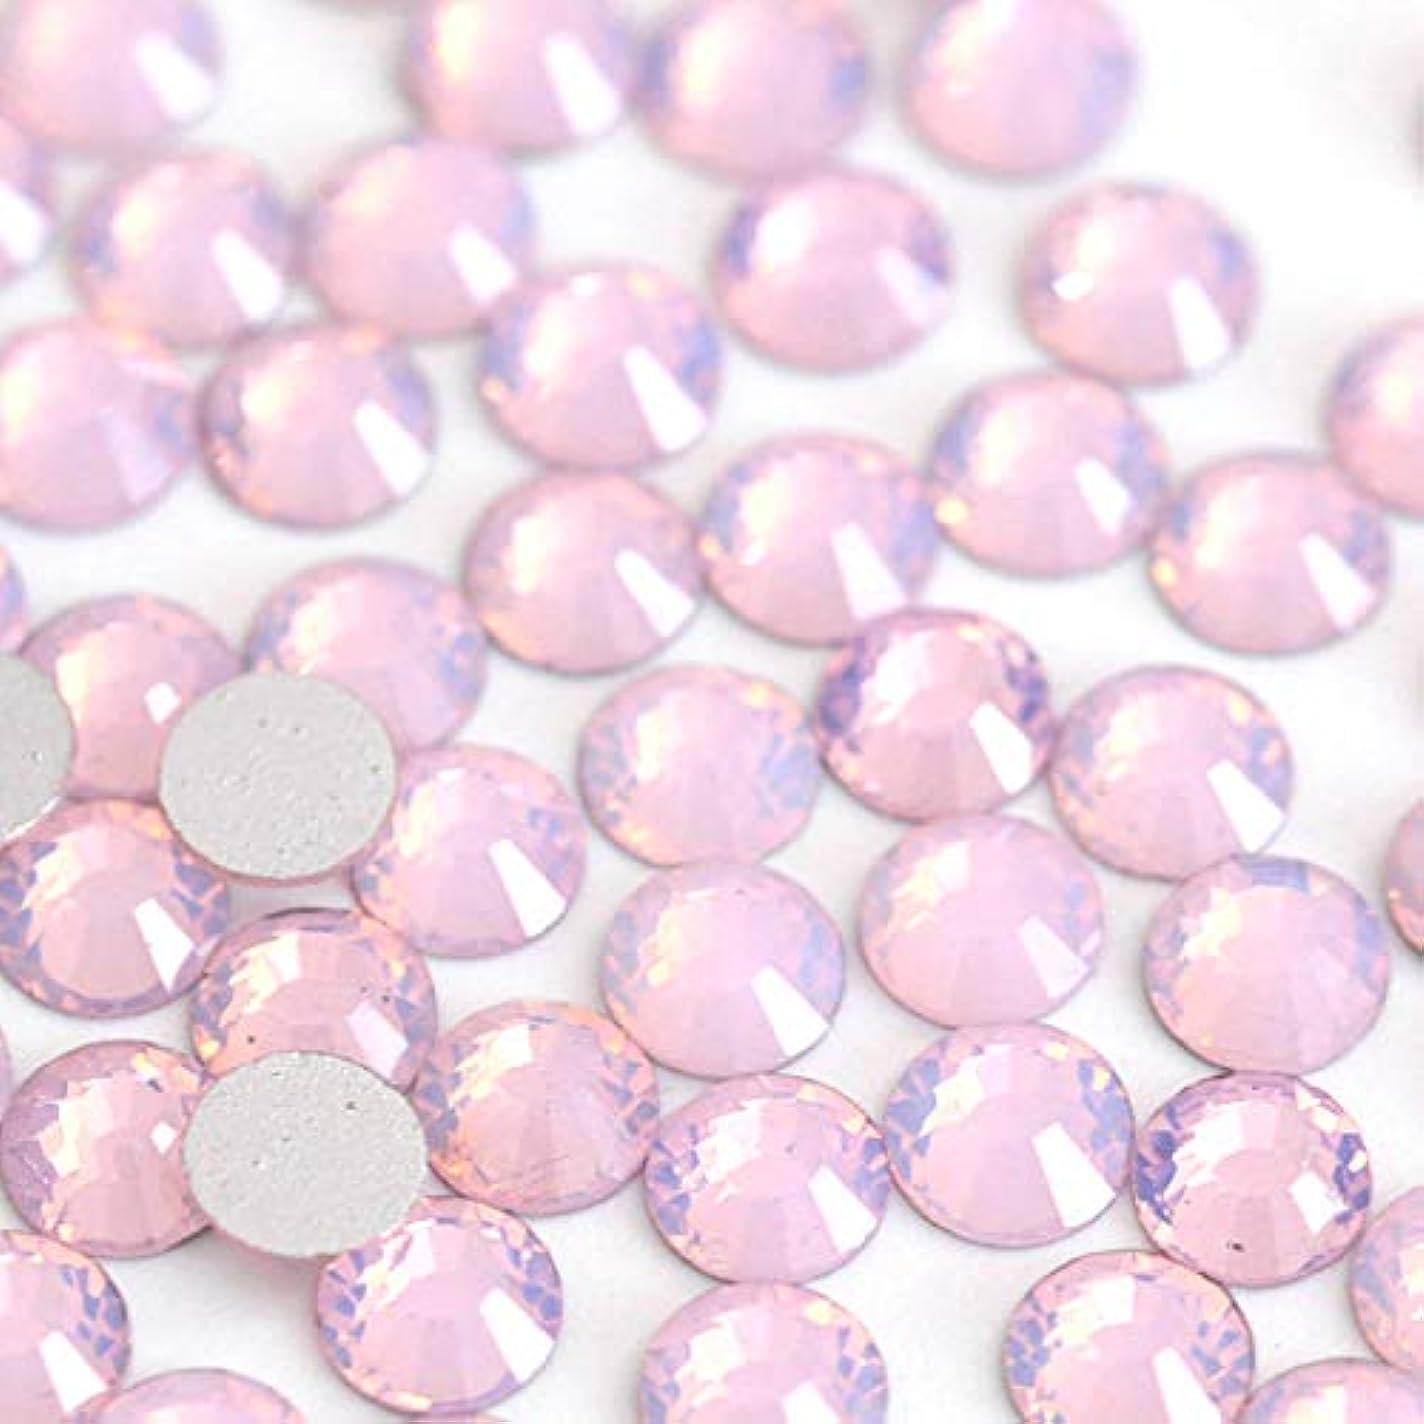 無視できるキャンバス法令【ラインストーン77】 ガラス製ラインストーン ピンクオパール(SS12:約3.0mm/約200粒)